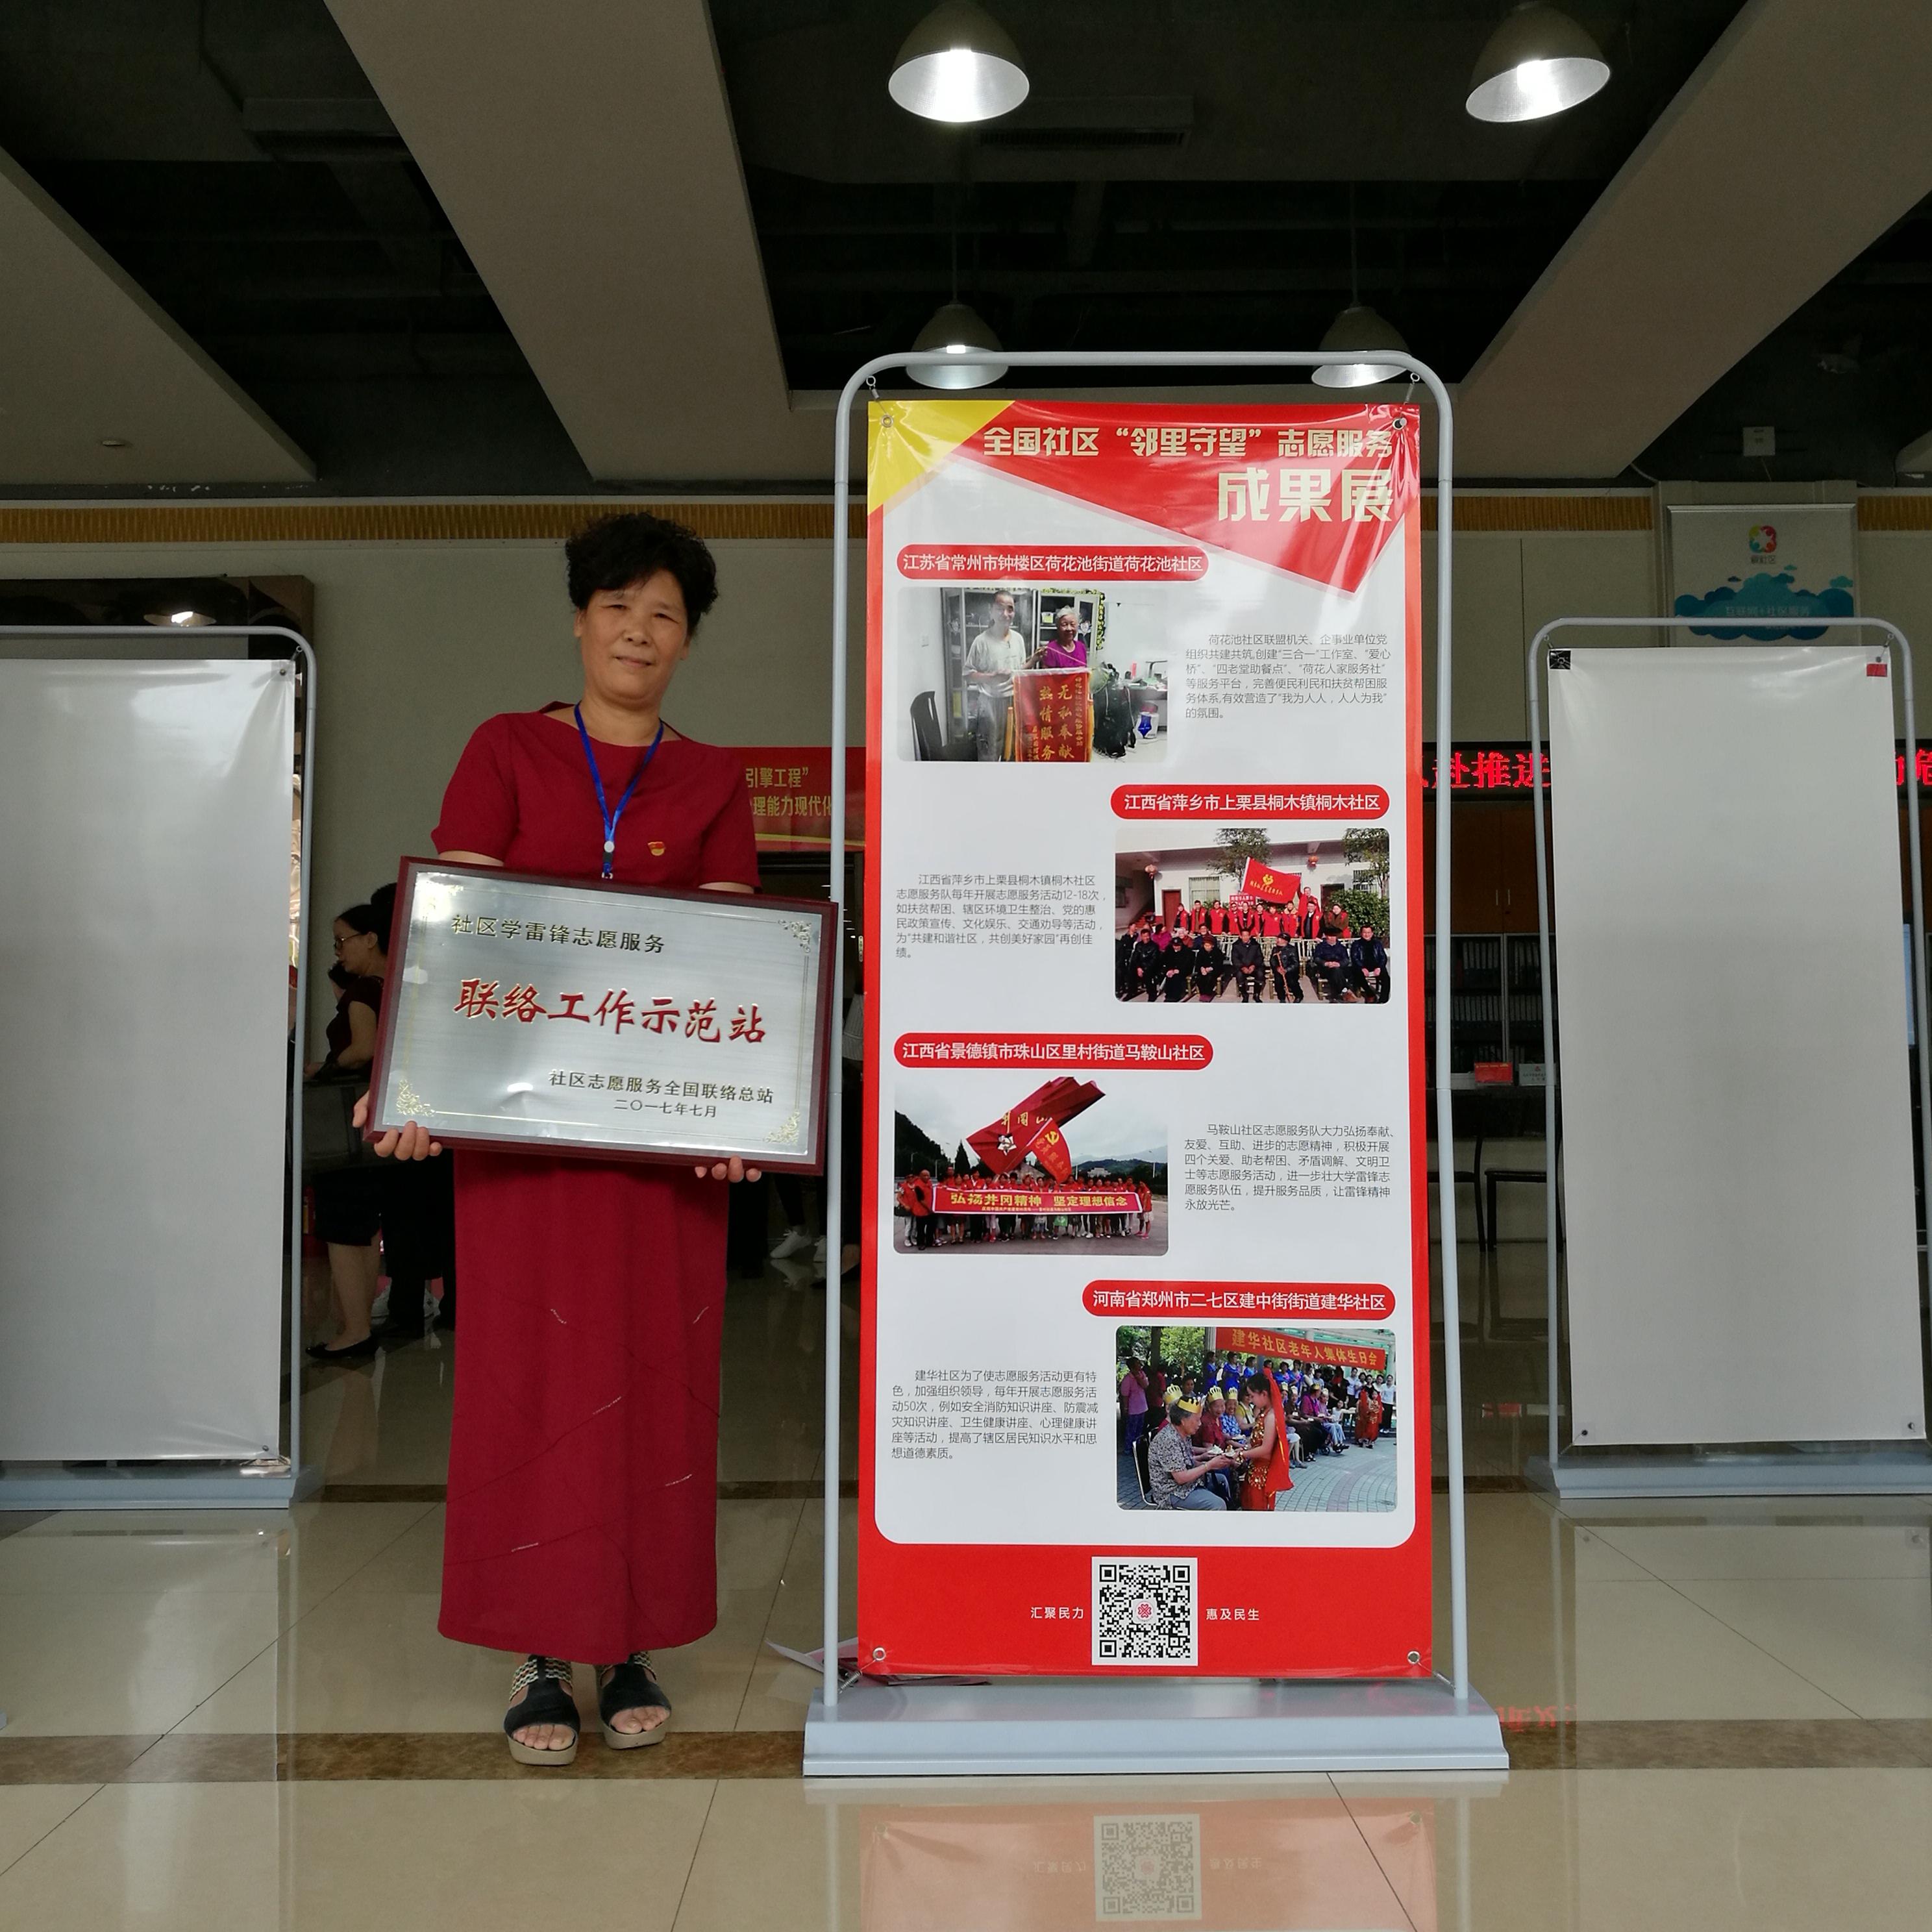 马鞍山社区社区党支部书记、主任齐菊英展示获得的奖牌.jpg